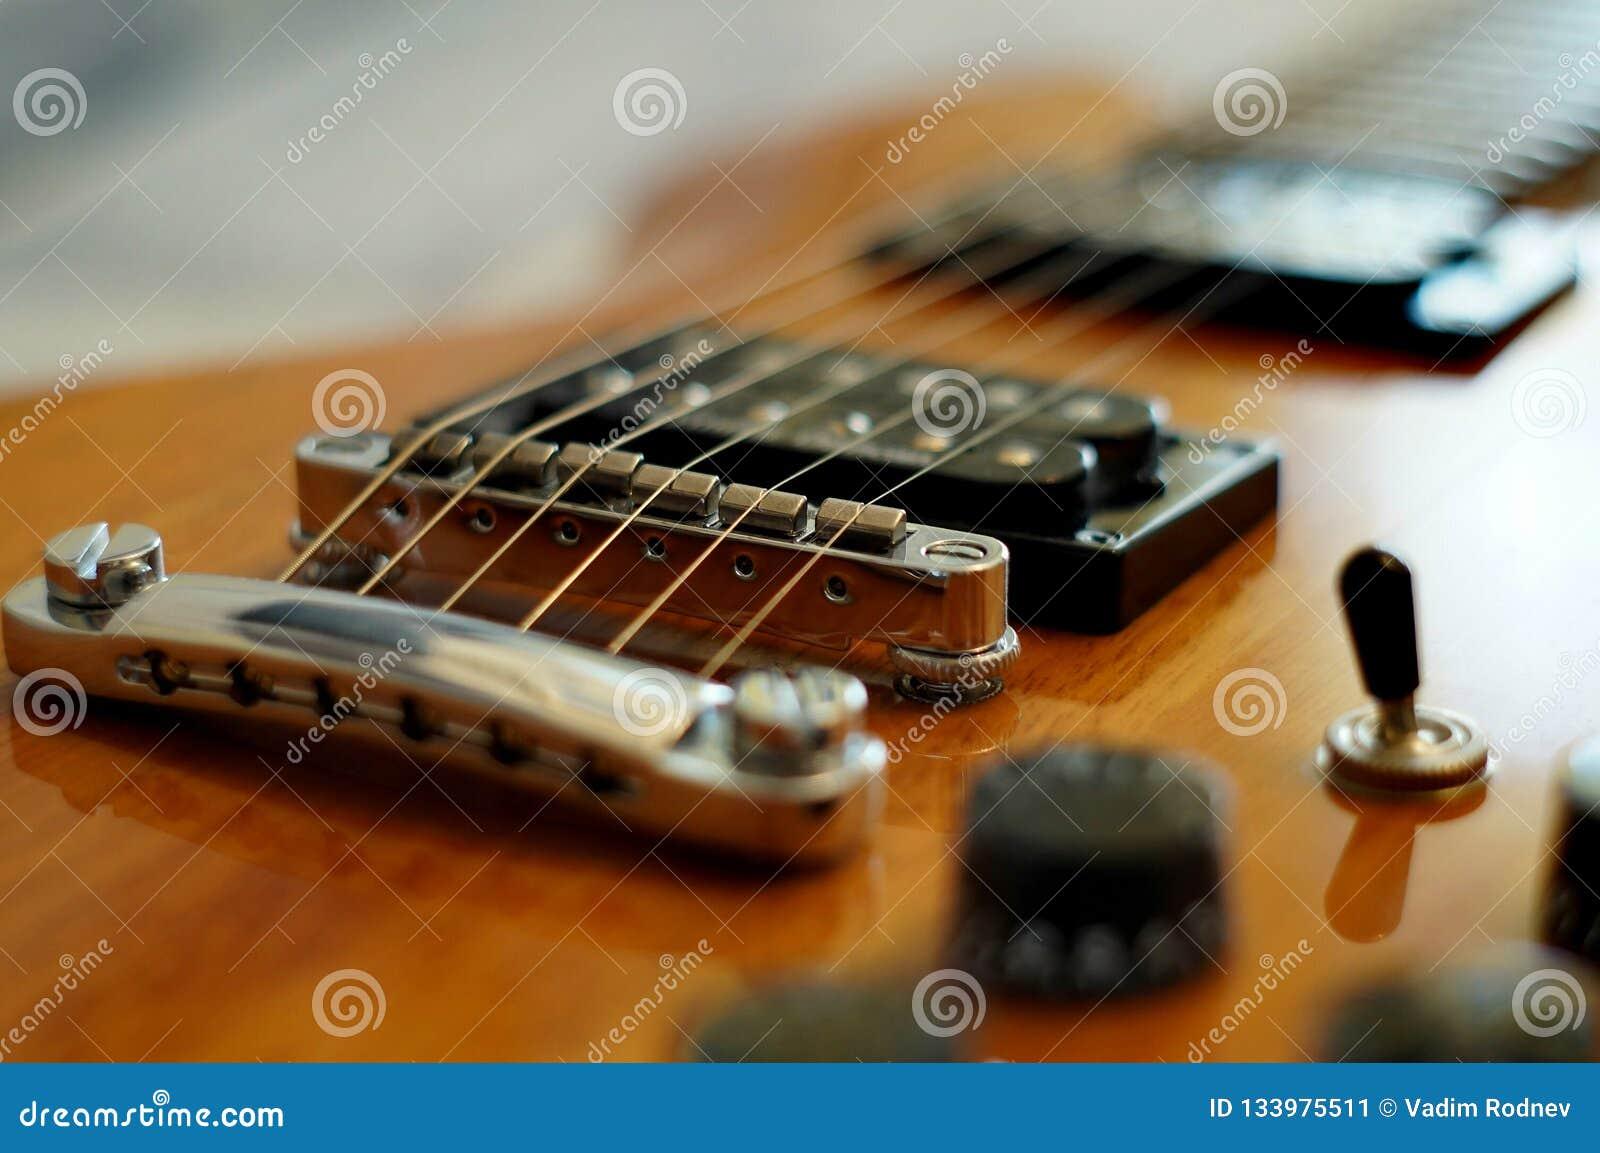 Strumienie i mosty Zbliżenie strzał Washburn idola WI-64 gitara elektryczna z melodia mostem